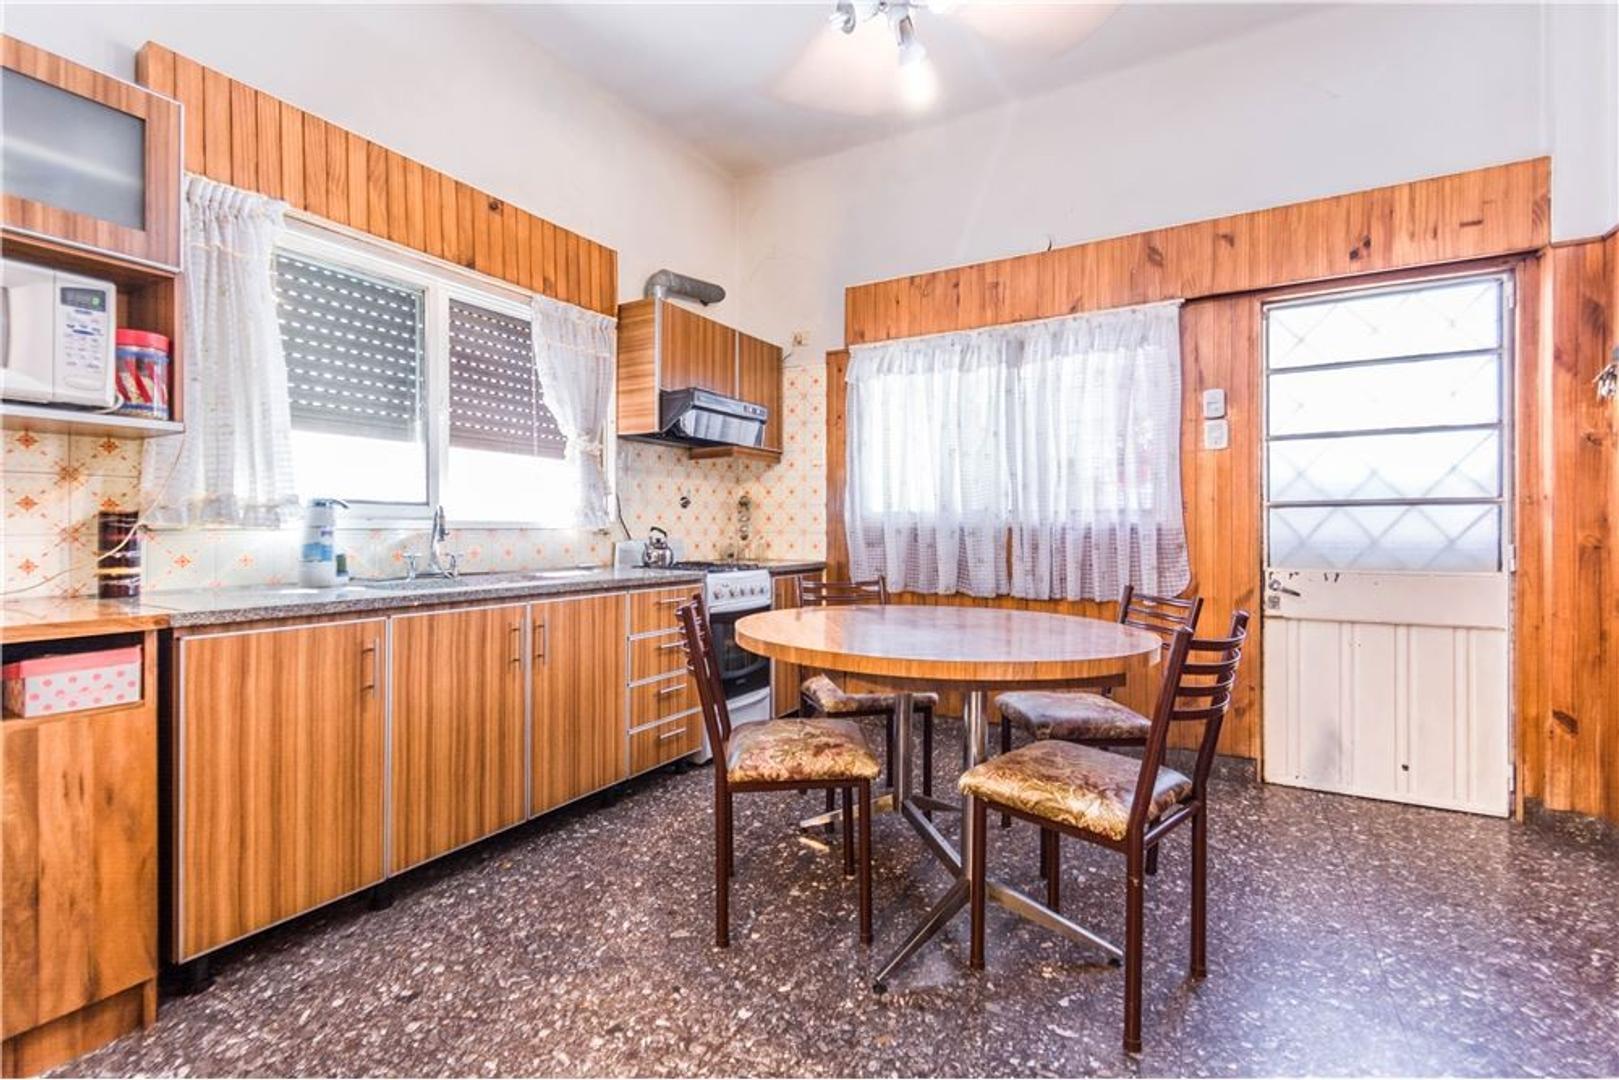 Casa de 4 ambientes con garage, patio y terraza